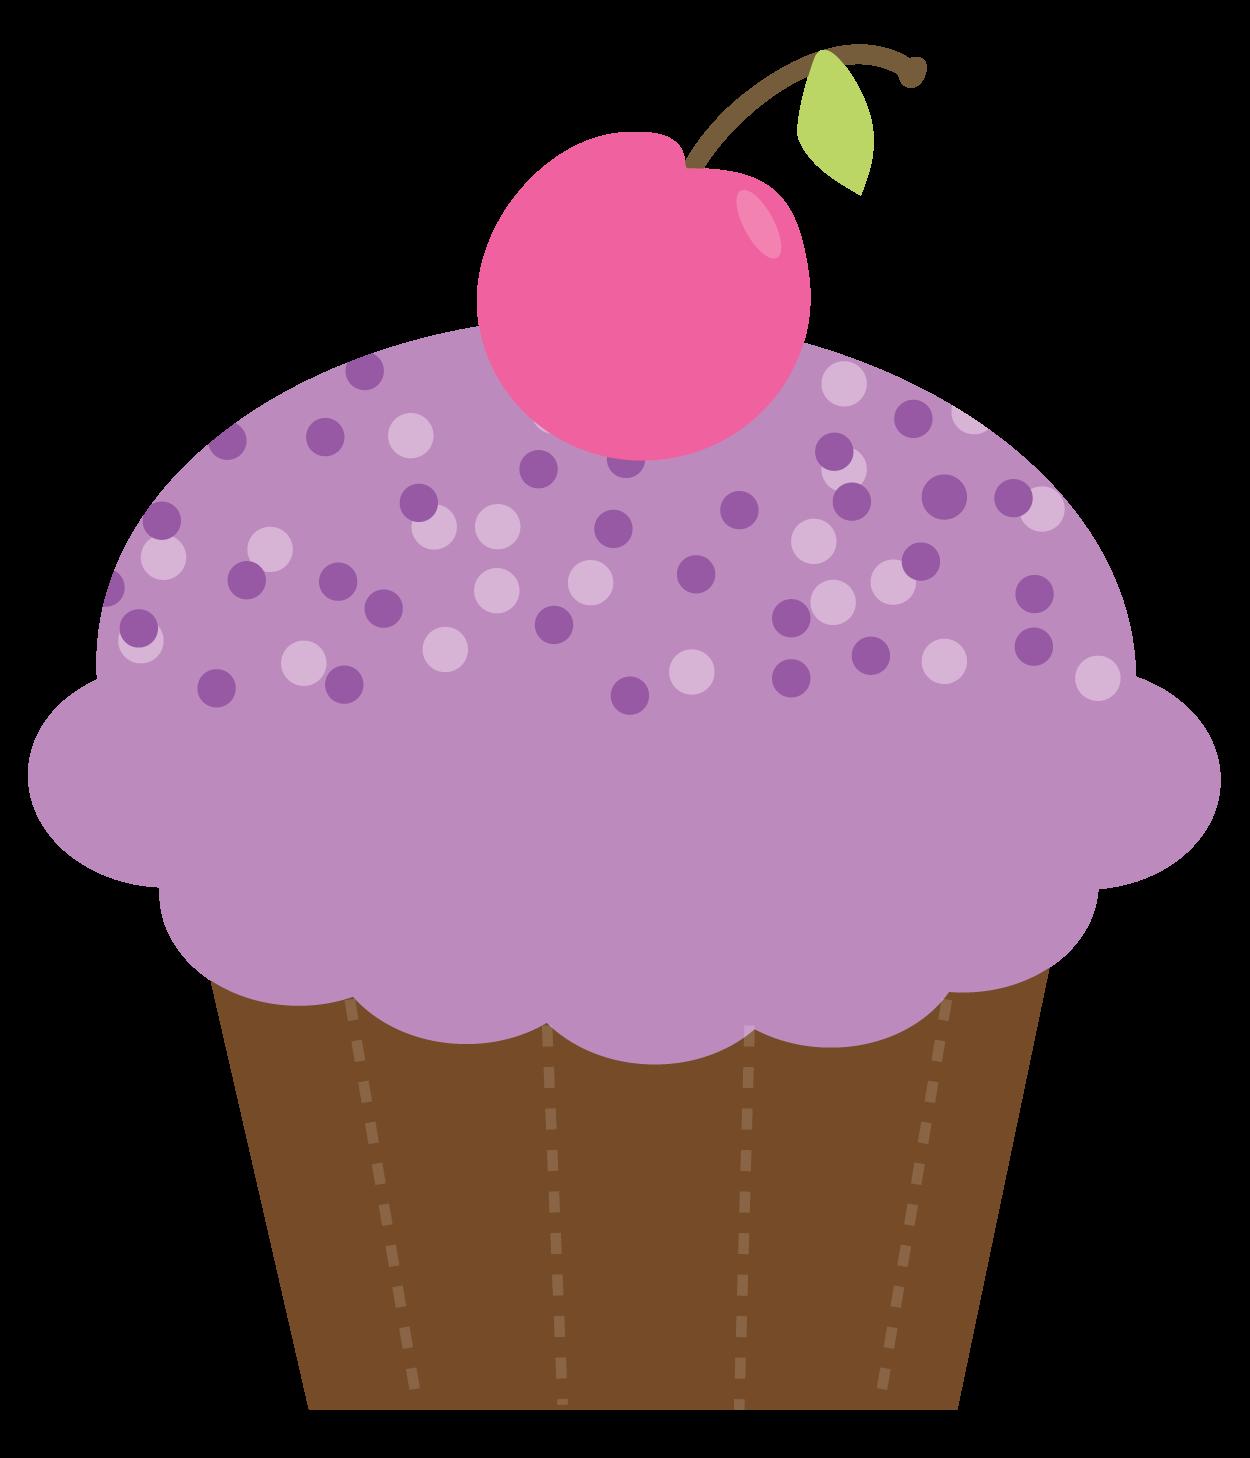 Cute Cupcake Clipart - clipartall